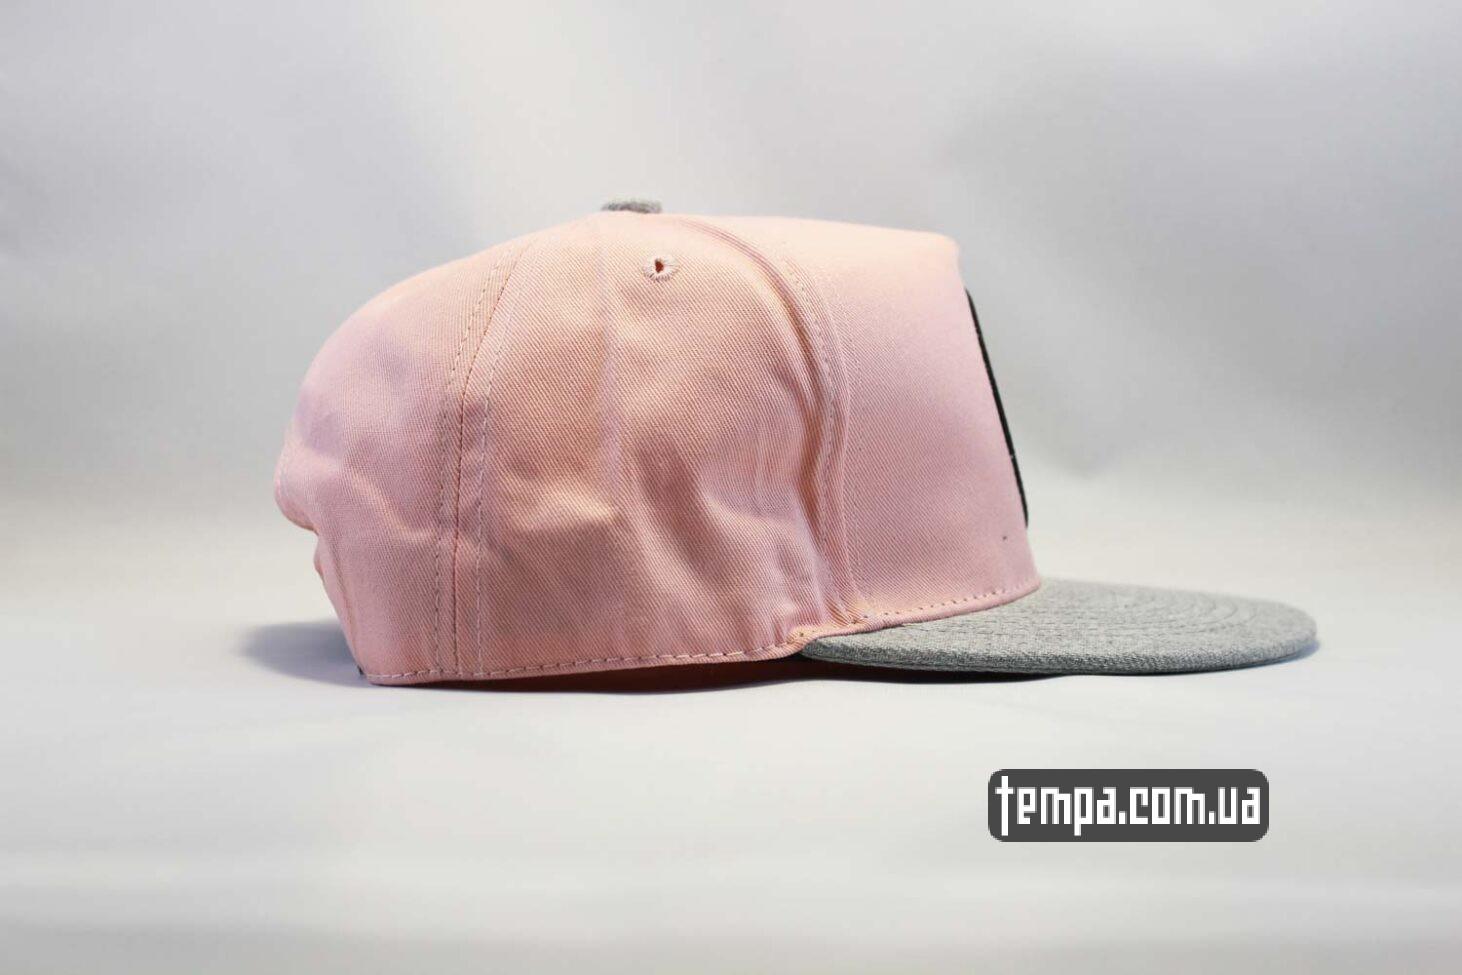 реперская одежда магазин купить кепка snapback Endless Holildays club cayler and sons розовая